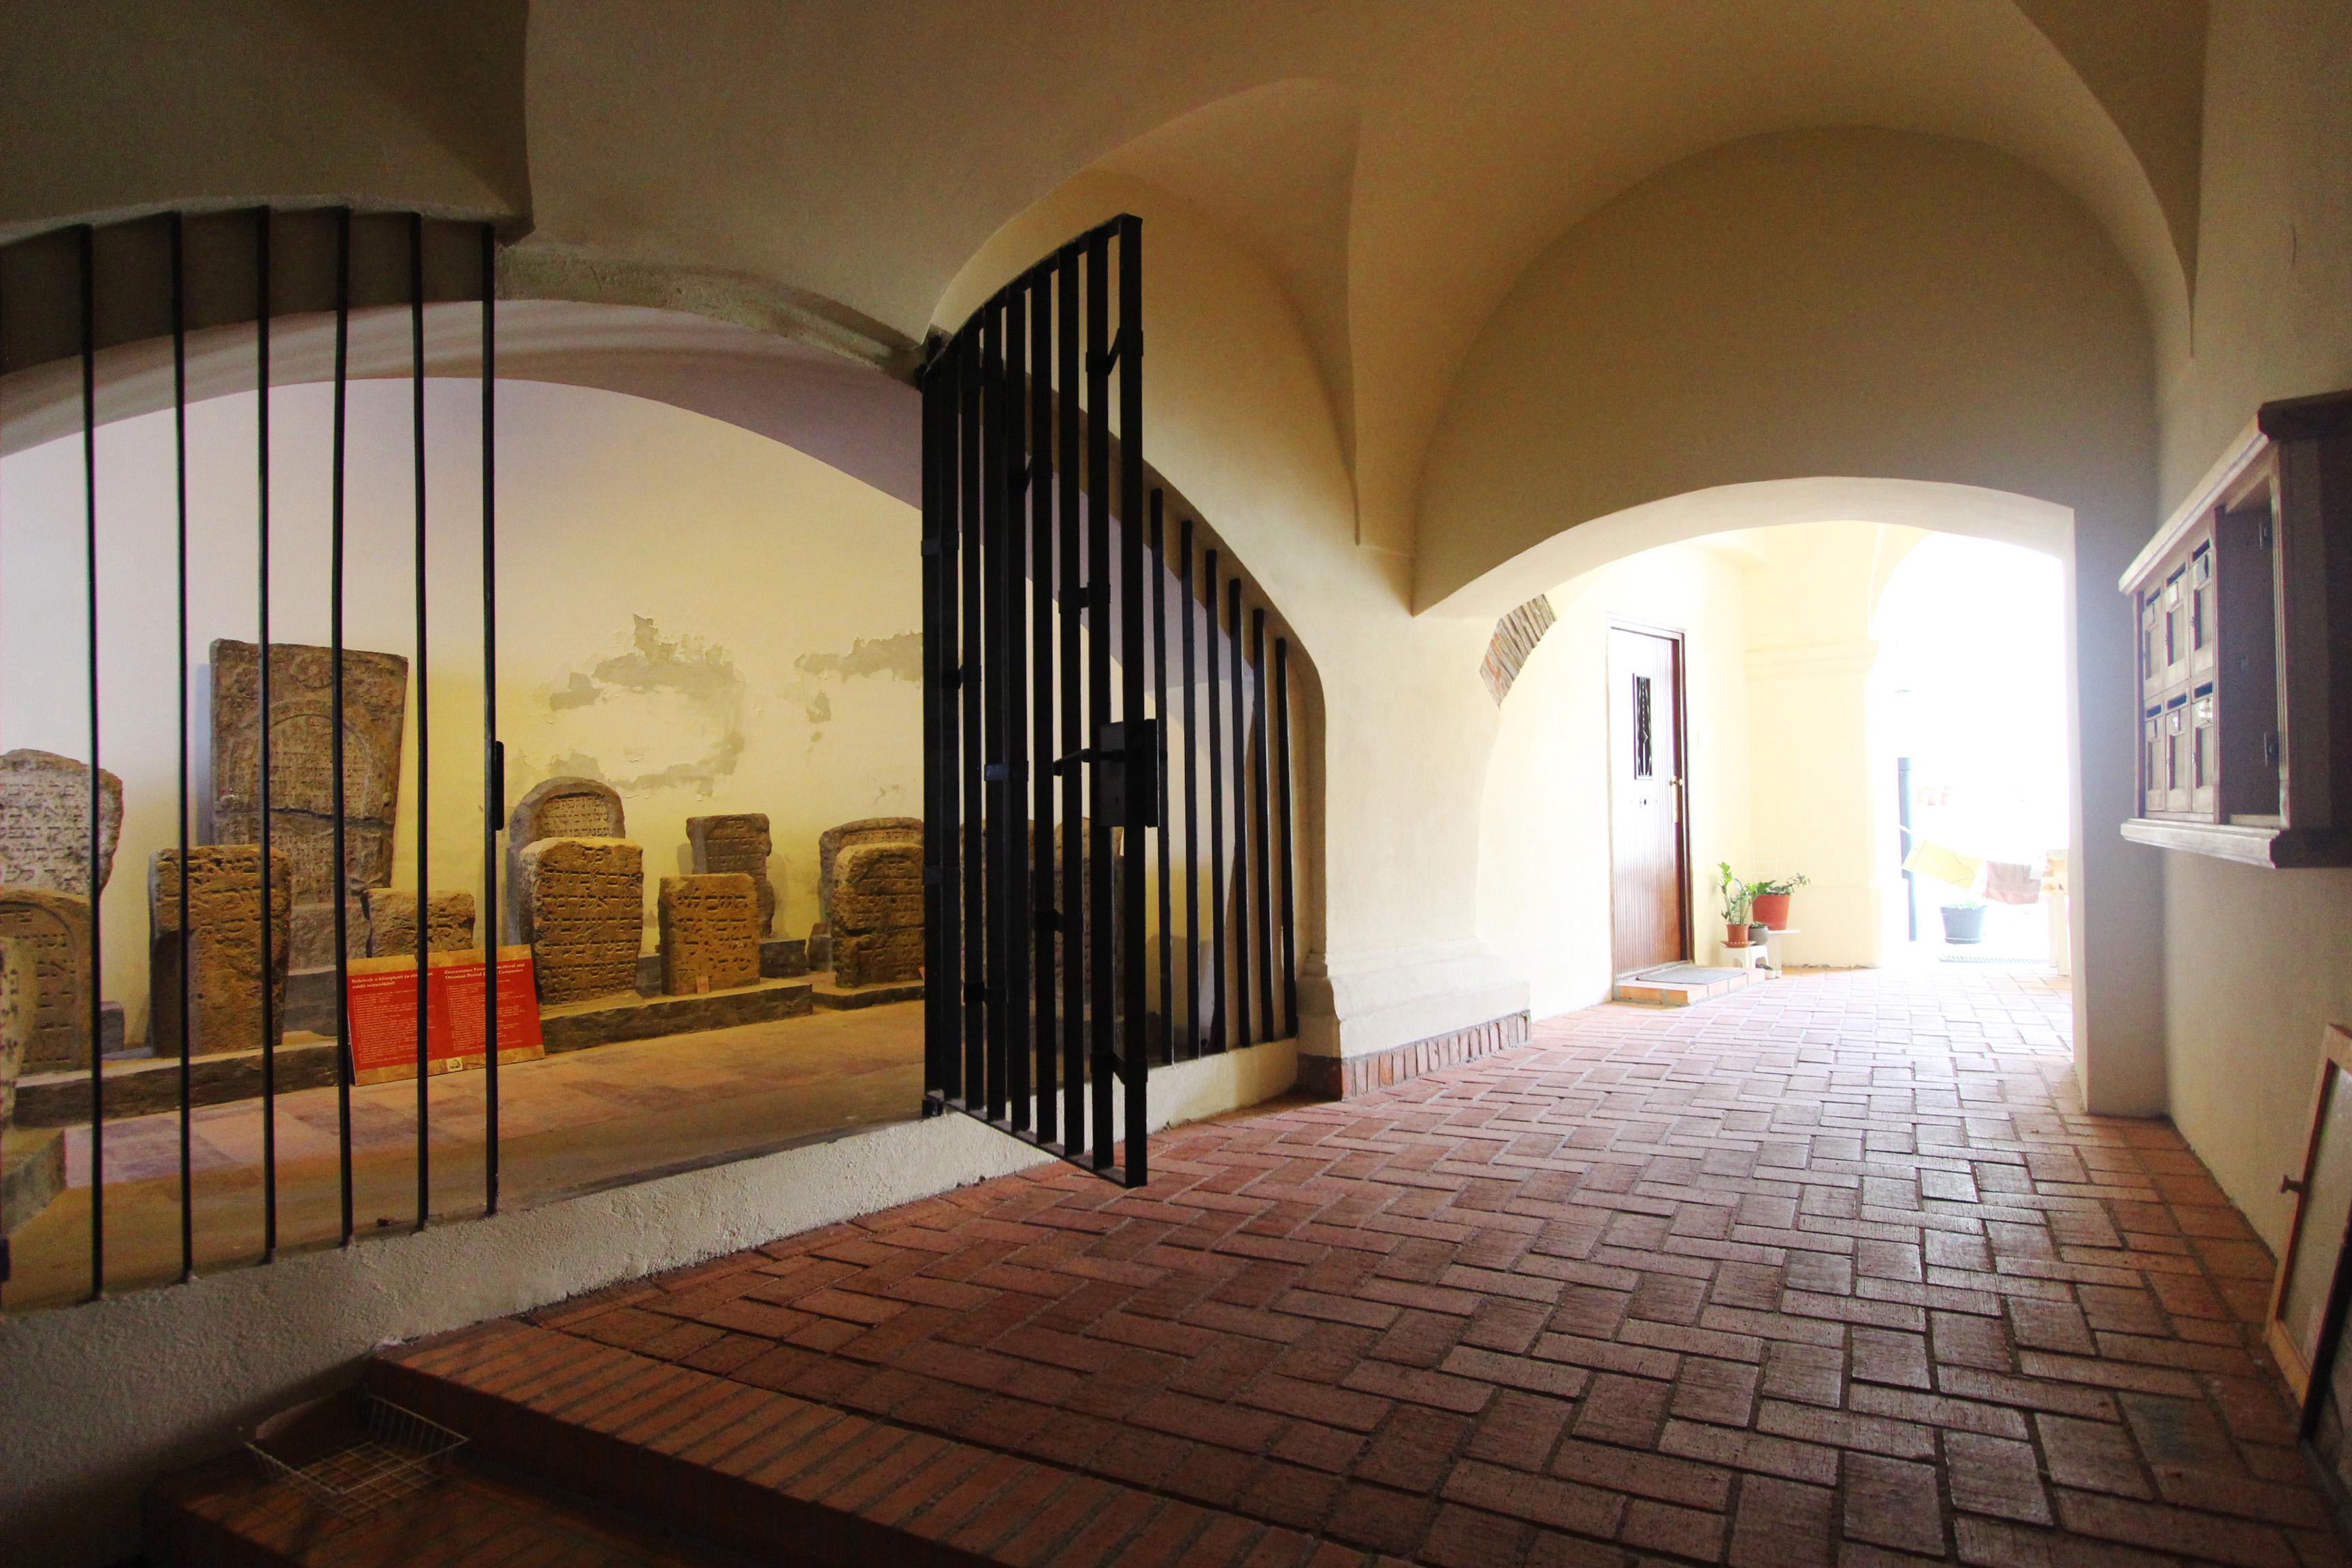 A Budai Várnegyed-béli Táncsics Mihály u 26. terrakotta és pasztellsárga homlokzata zsidó imaházat r